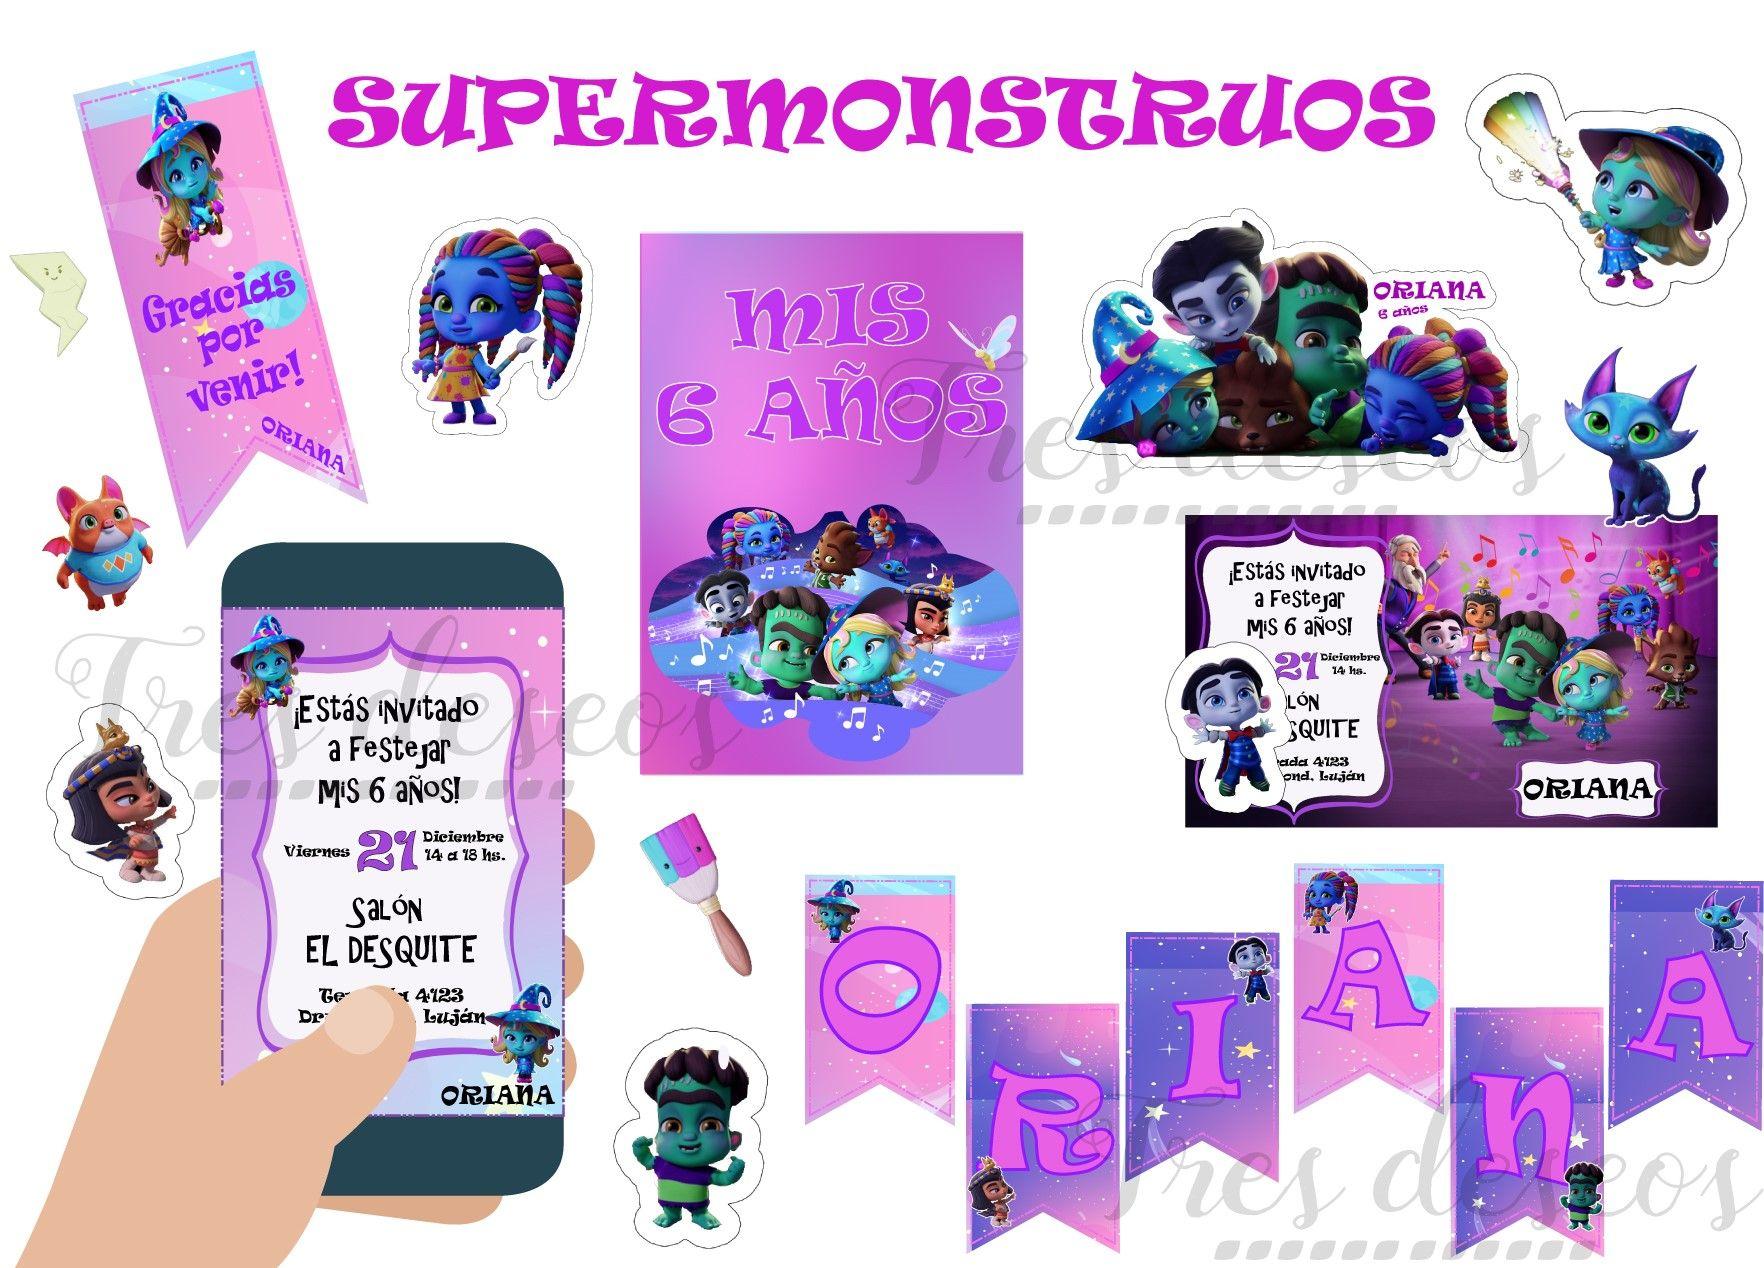 Supermonstruos Super Monsters Temática Diseños E Imágenes